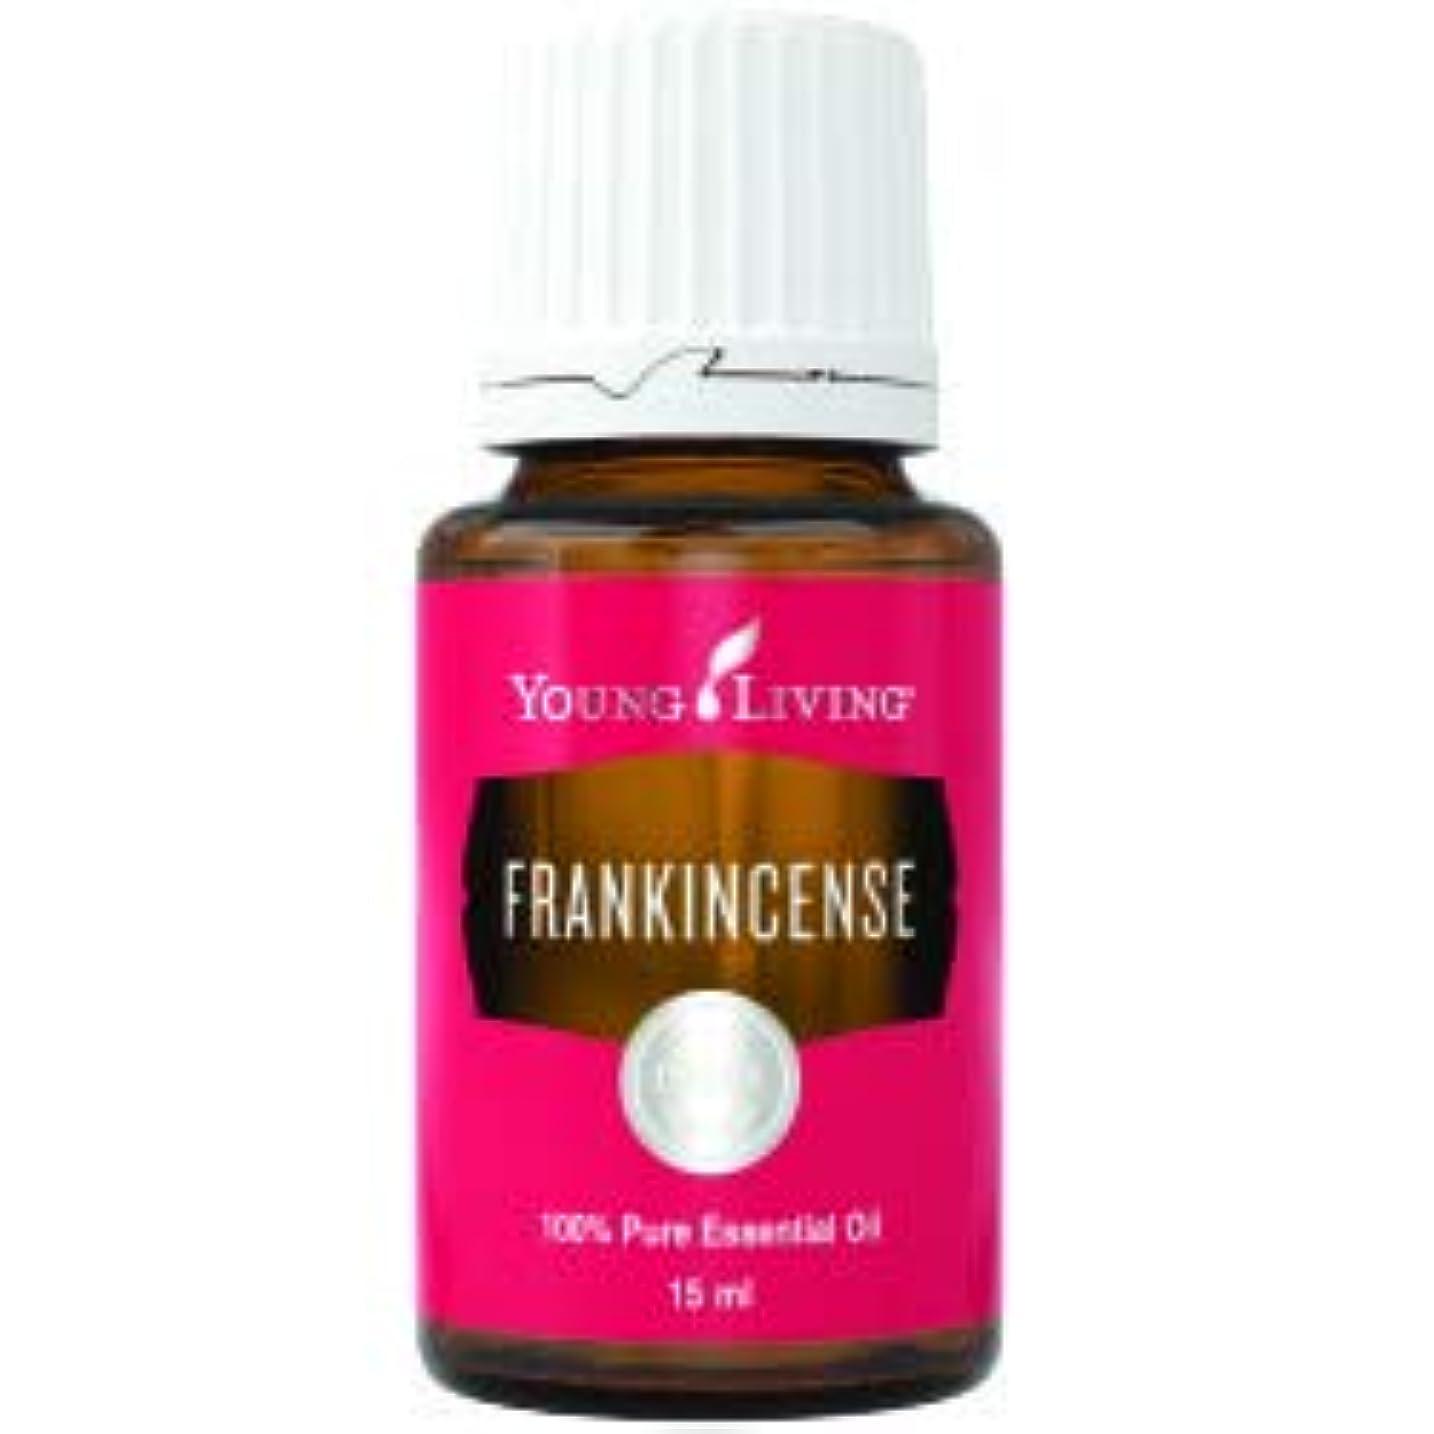 フランキンセンスエッセンシャルオイル ヤングリビングエッセンシャルオイルマレーシア15ml Frankincense Essential Oil 15ml by Young Living Essential Oil Malaysia